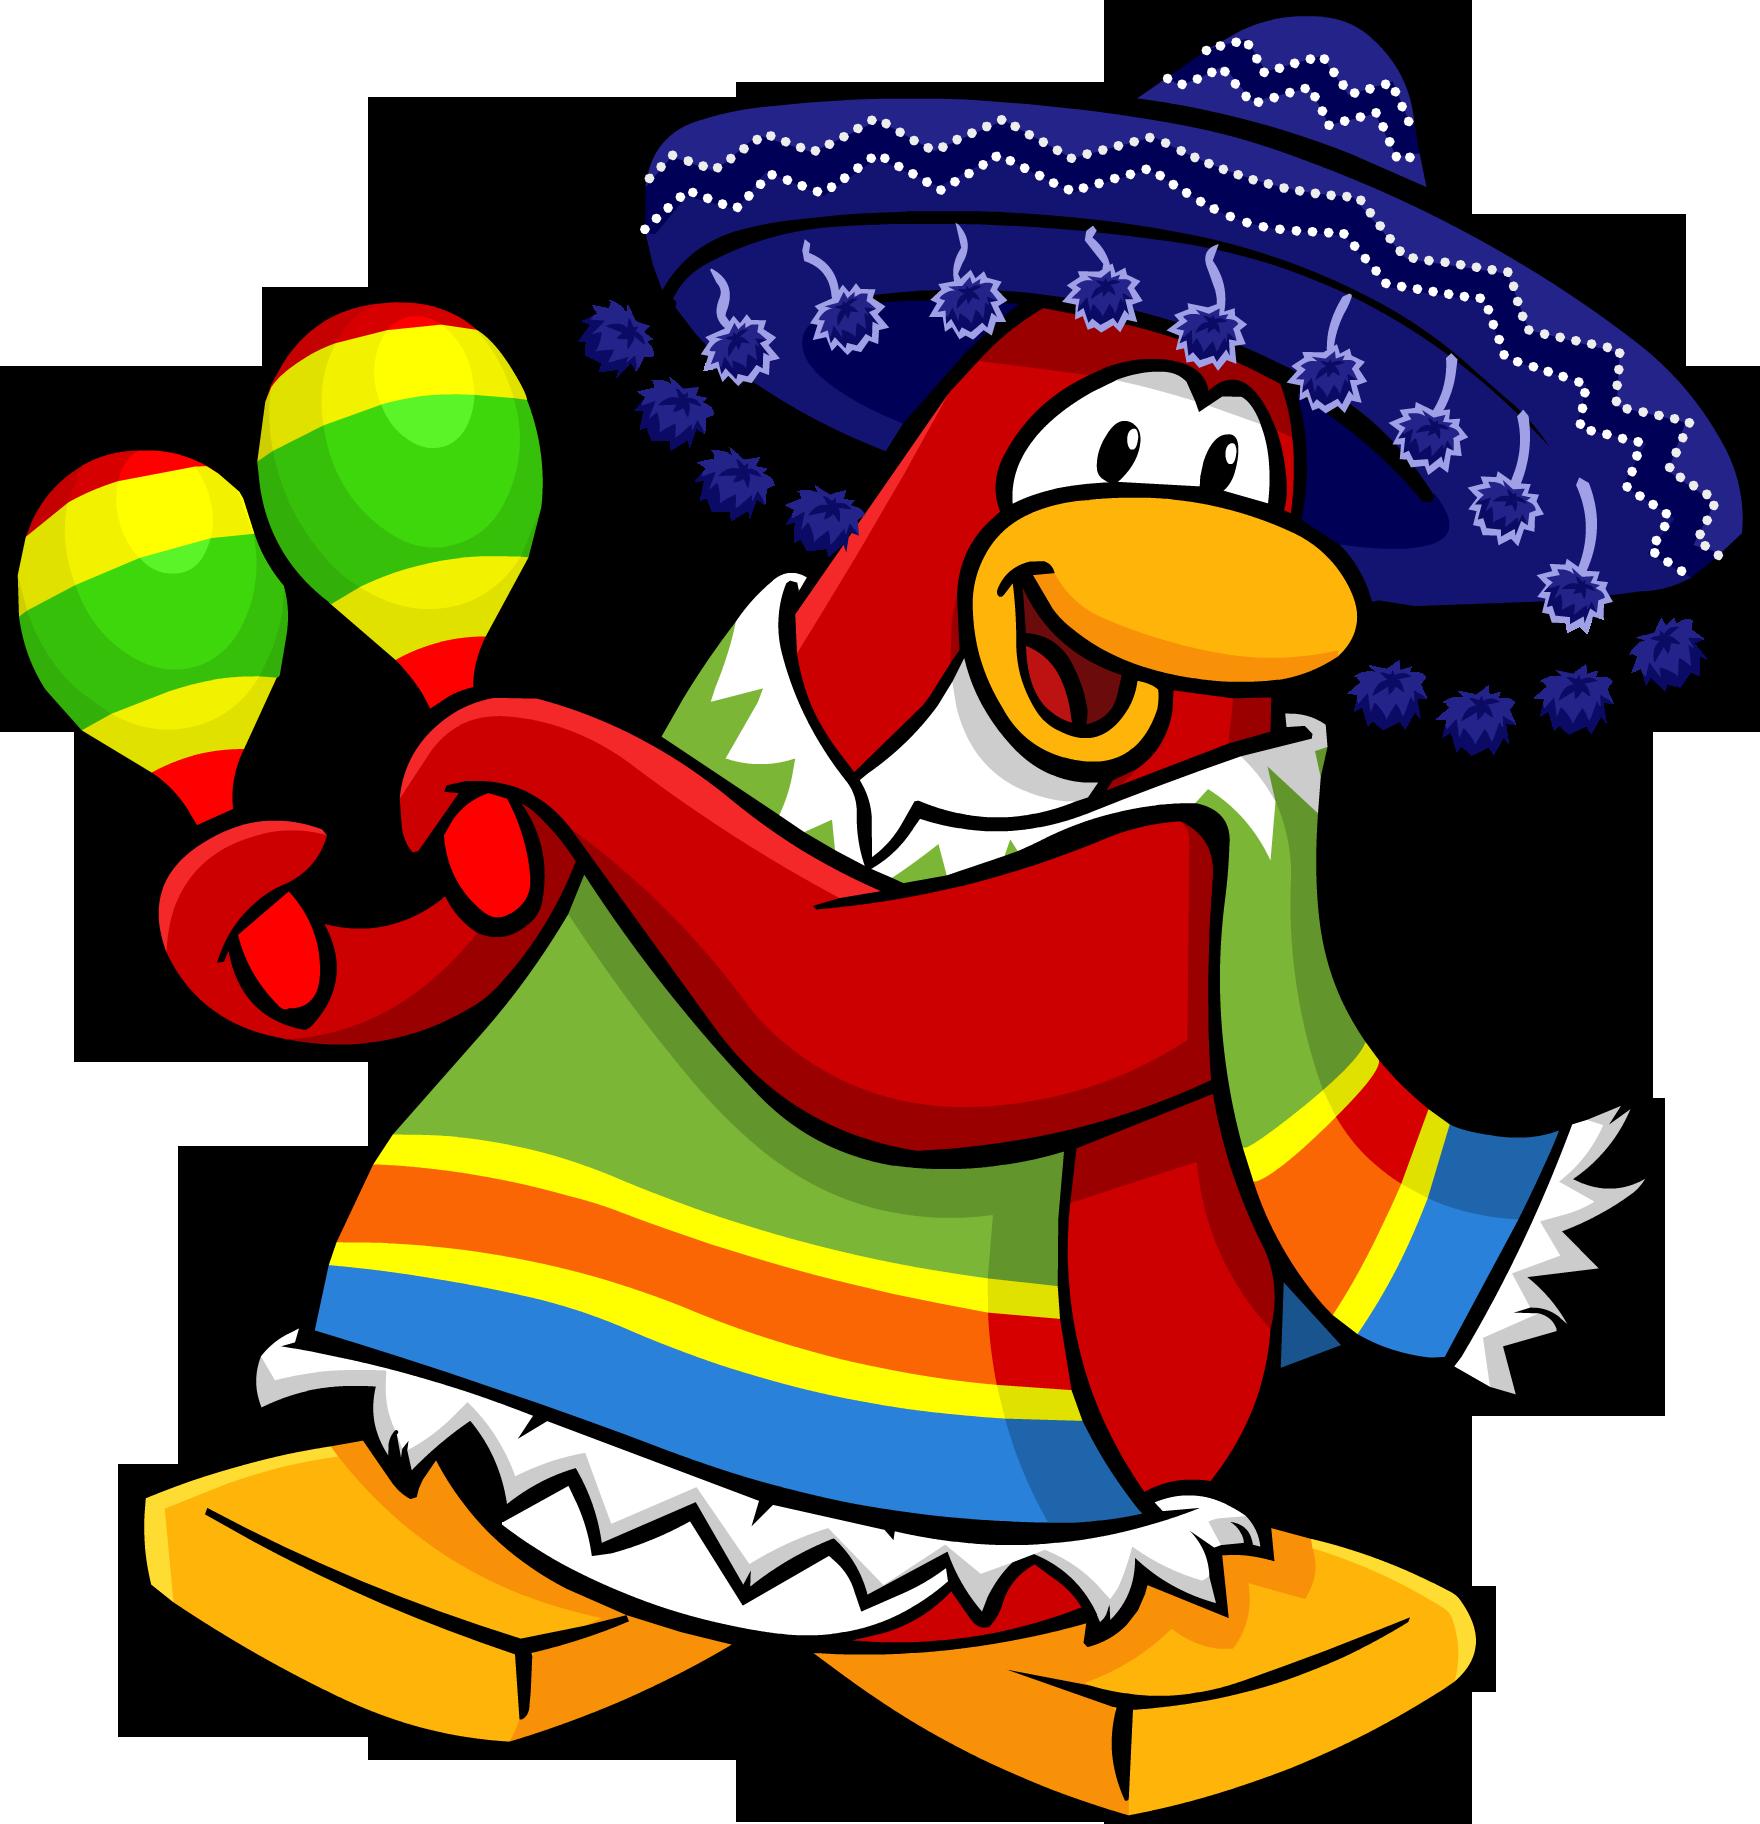 graphic free stock Come celebrate with cuco. Margarita clipart cinco de mayo.